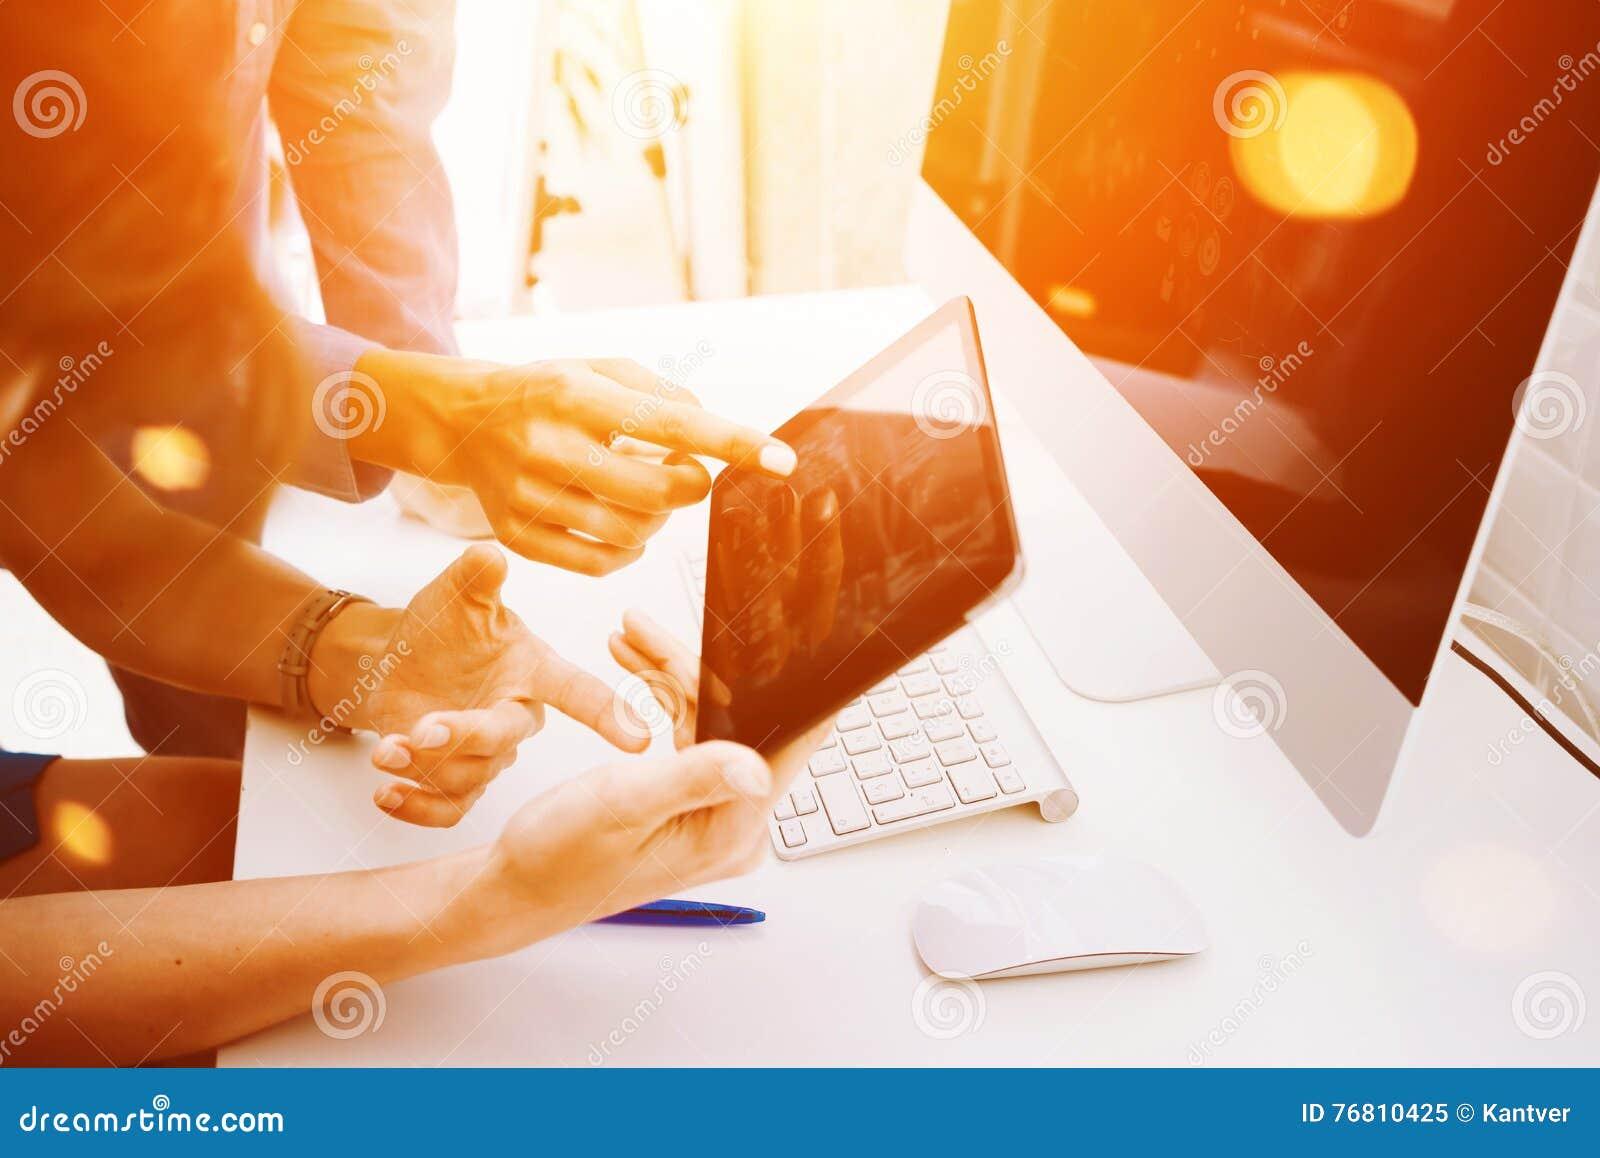 Collègues prenant de grandes décisions Jeunes affaires lançant le bureau sur le marché moderne de Team Discussion Corporate Work